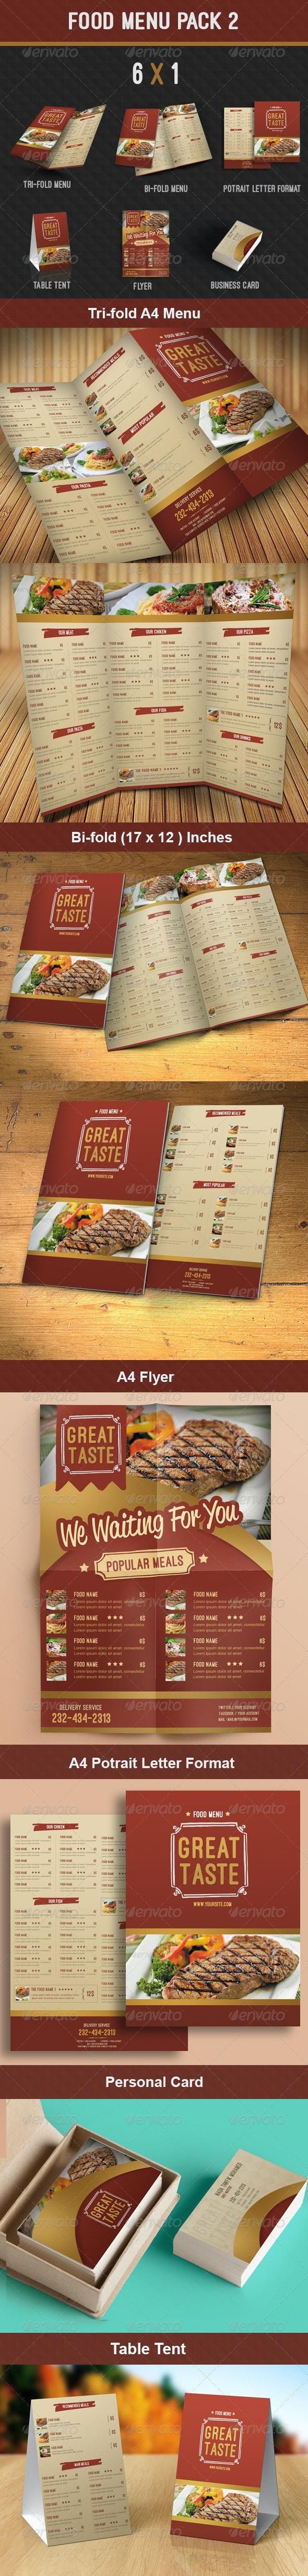 Food Menu Pack 2 - Food Menus Print Templates